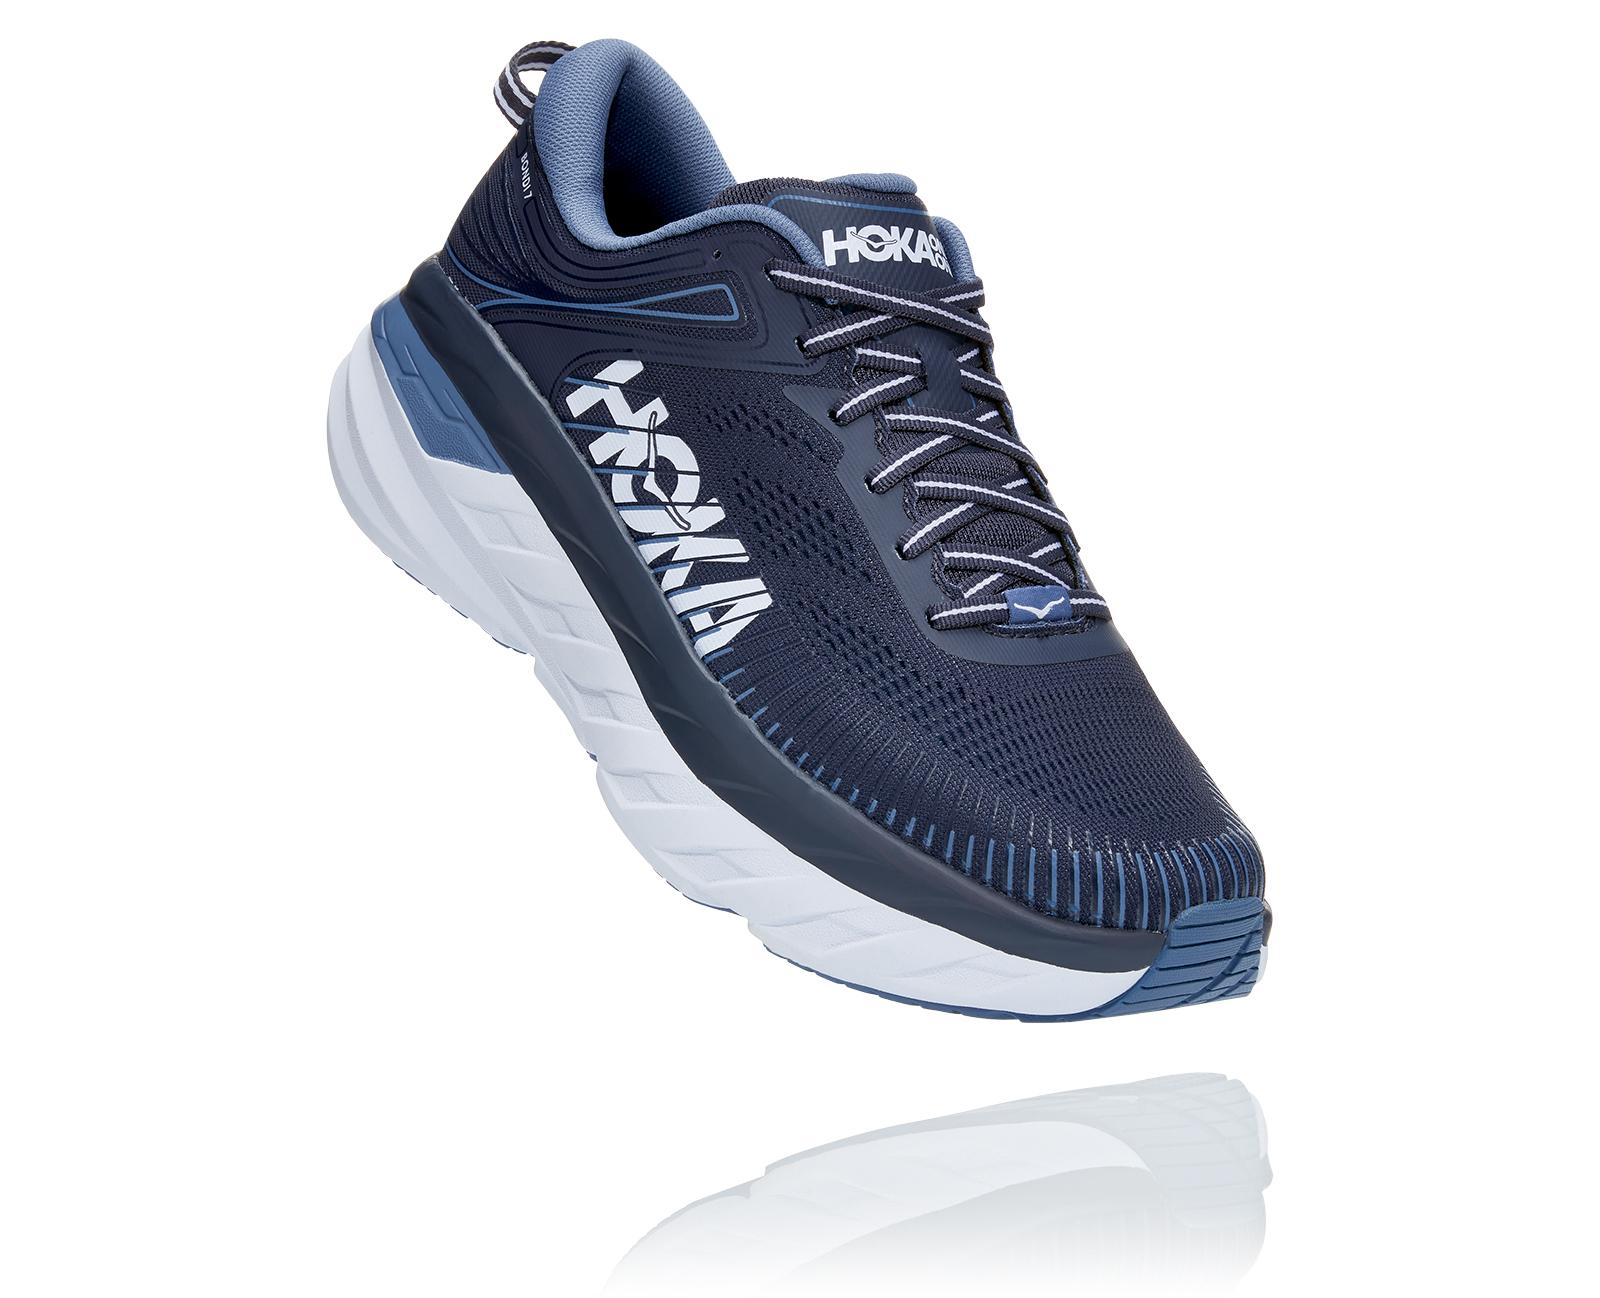 Men's Bondi 7 - Hoka One One Athletic Shoes-Hoka One One